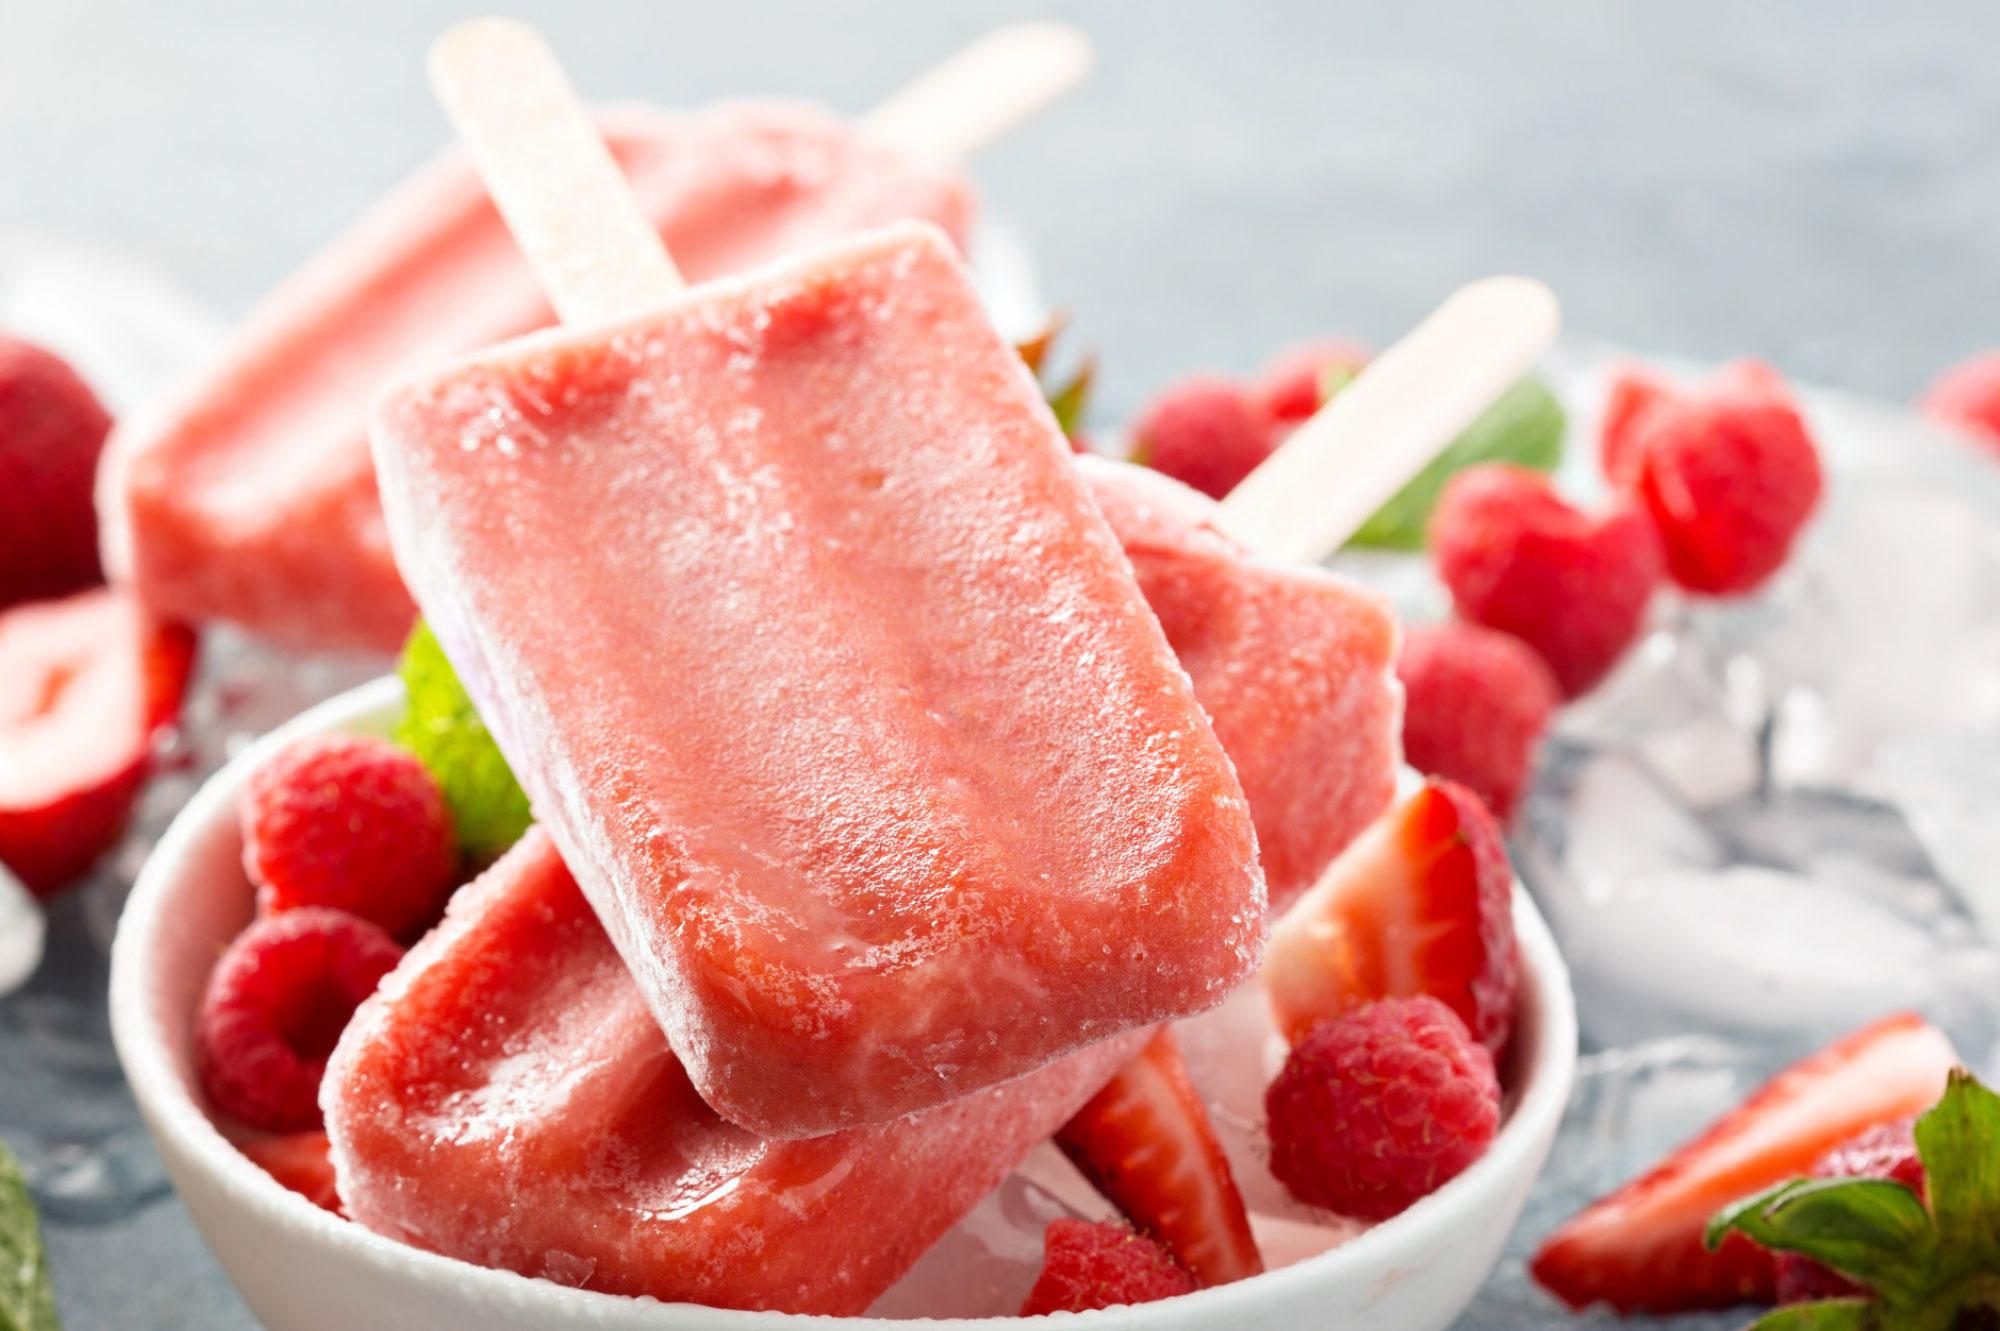 recept aardbeien frambozen ijsjses met munt | Bedrijfscatering | De Groene Artisanen